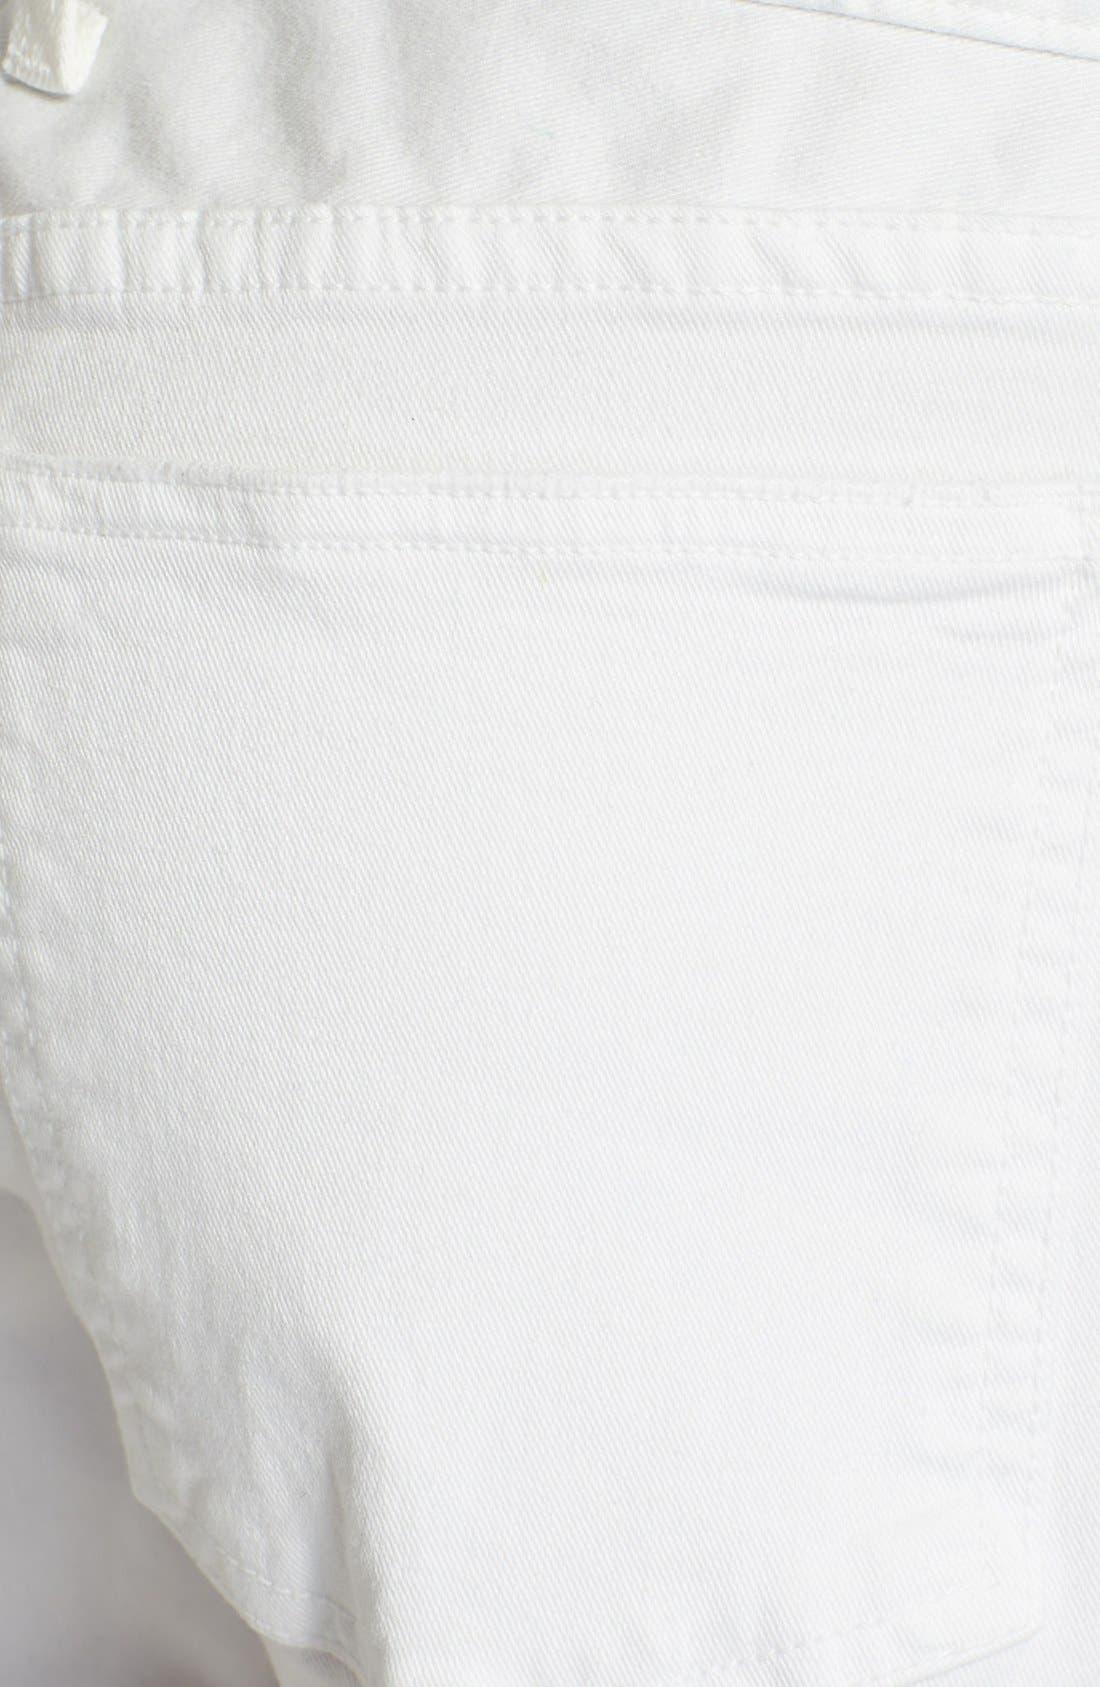 Alternate Image 3  - Current/Elliott 'The Boyfriend' Rolled Shorts (Sugar)